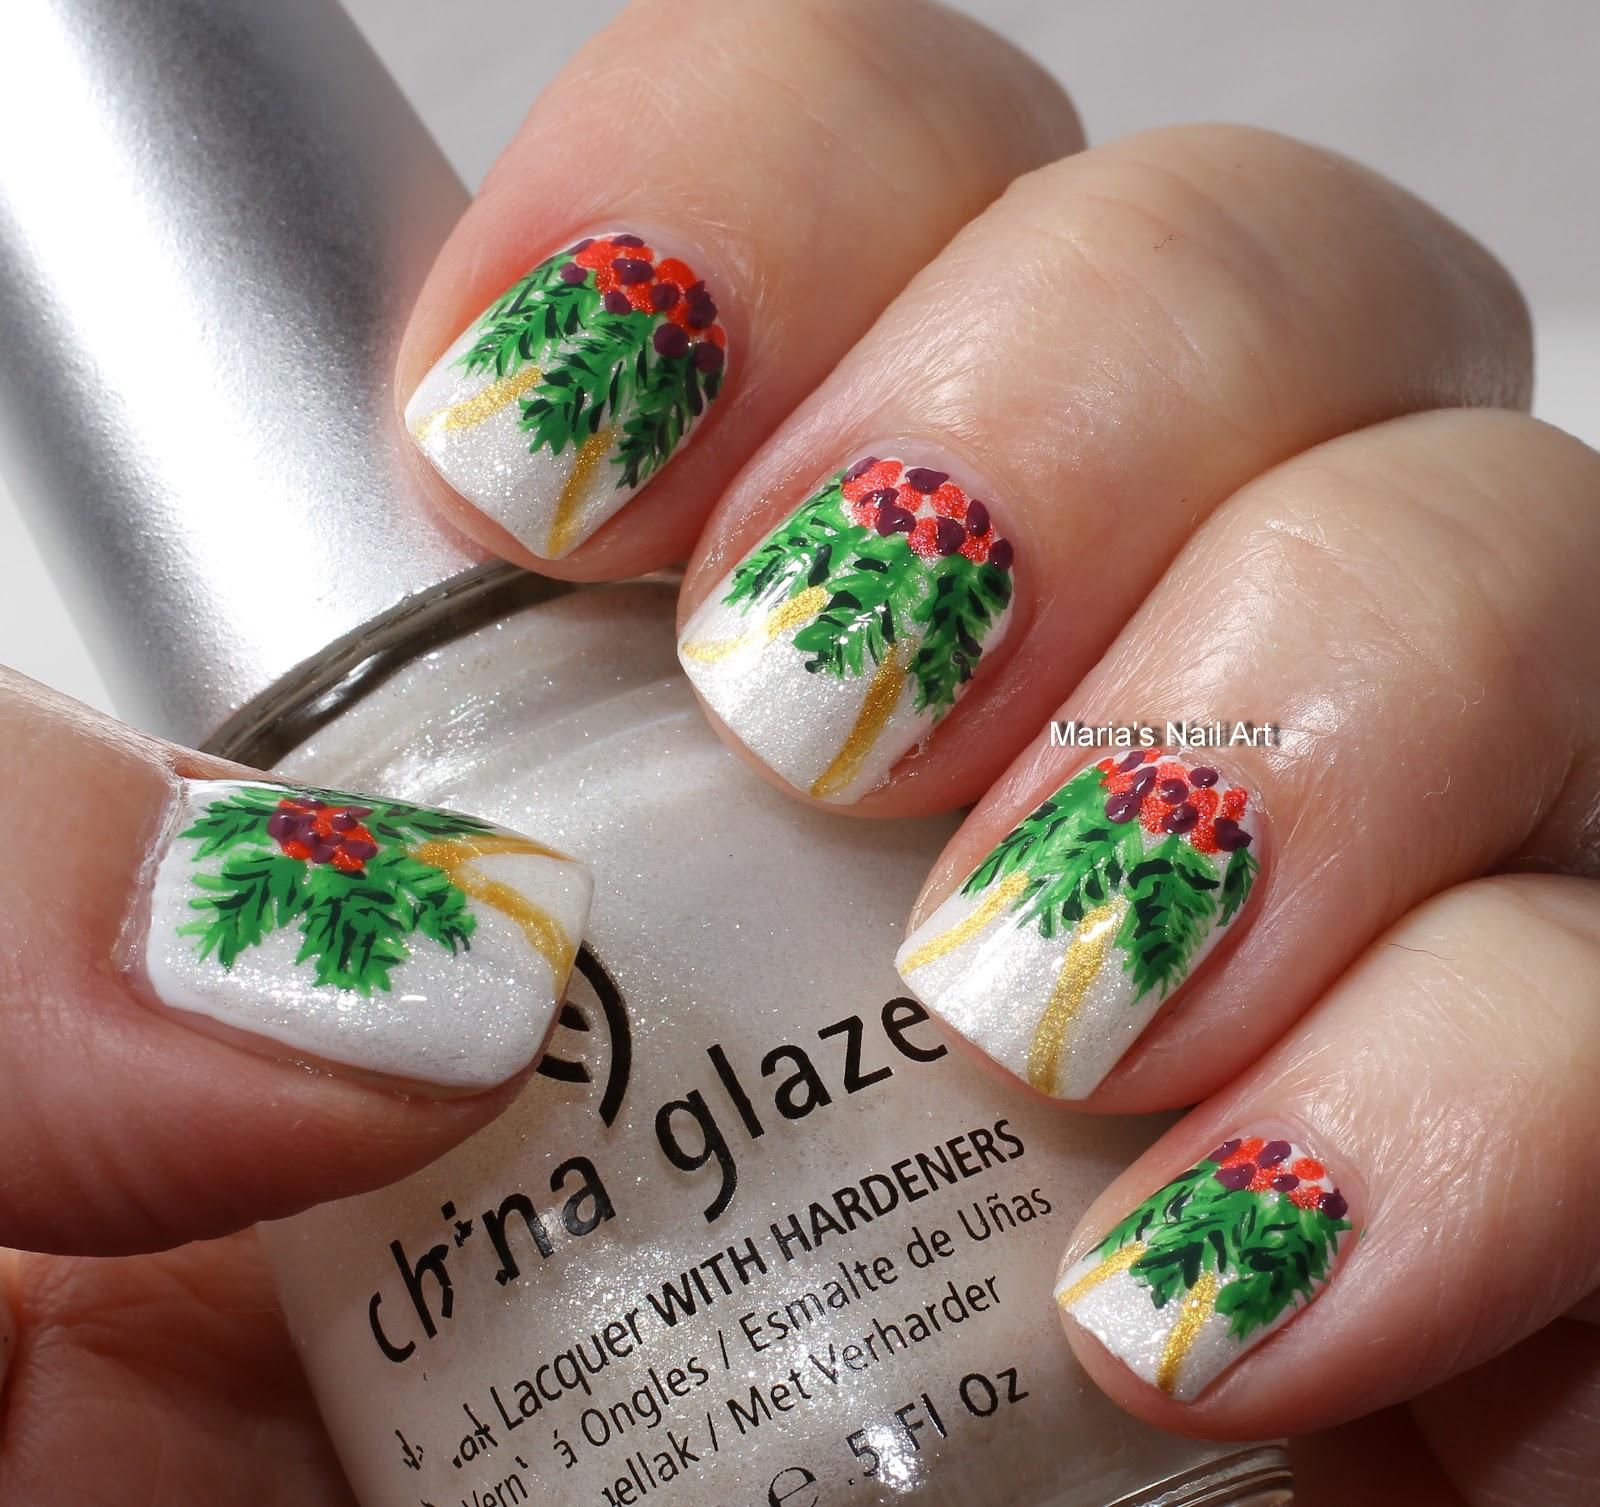 Marias Nail Art and Polish Blog: Christmas decorations